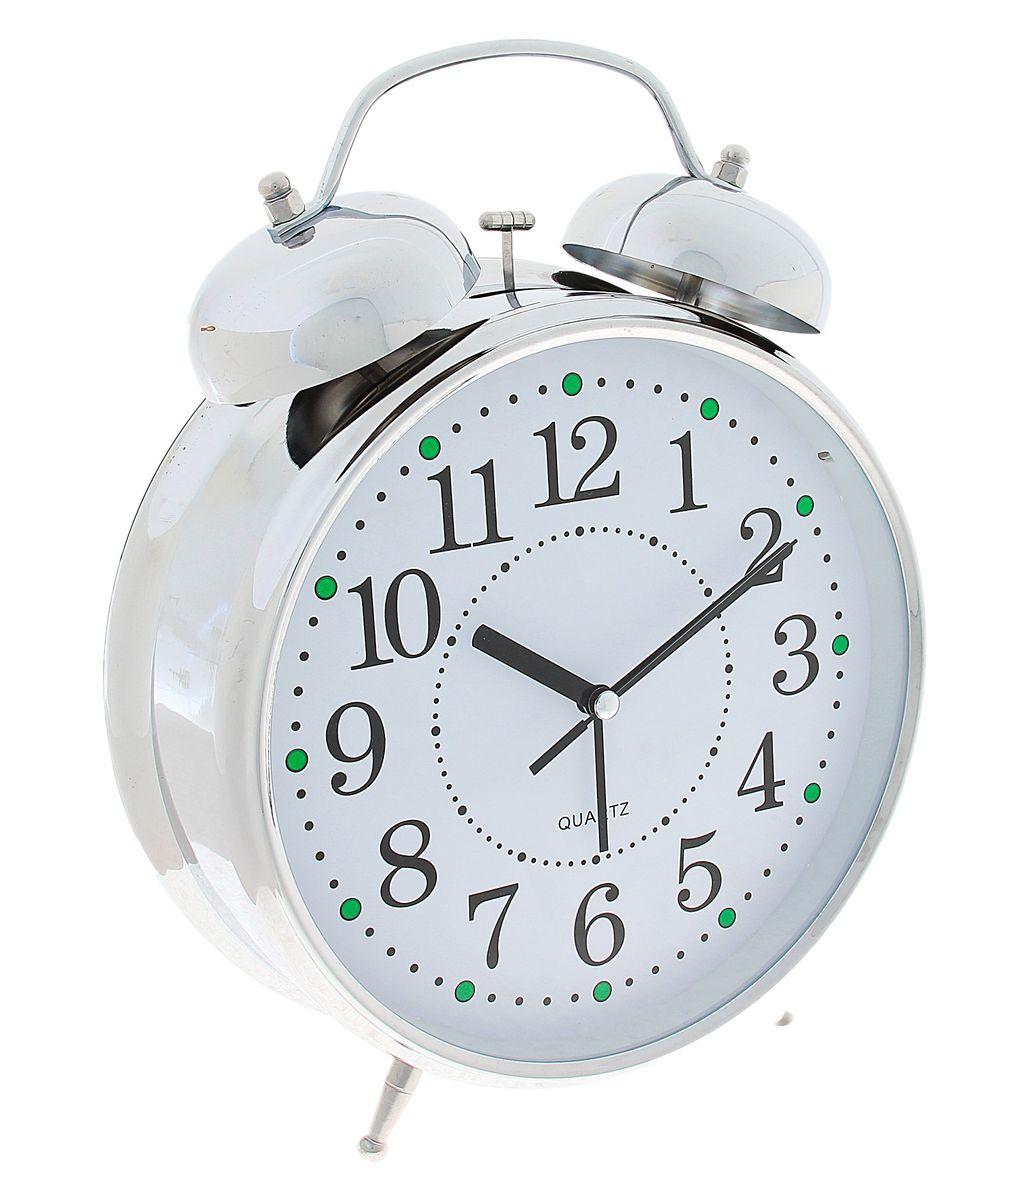 Часы-будильник Sima-land Классика, цвет: белый, серебристый, диаметр 20 см556730Часы-будильник Sima-land Классика - это невероятных размеров устройство, созданное специально для тех, кто с трудом просыпается по утрам! Изделие обладает классическим дизайном. Такой будильник станет изюминкой вашего интерьера. Будильник работает от 3 батареек типа АА 1,5 В (в комплект не входят). На задней панели будильника расположены переключатель включения/выключения механизма, два поворотных рычага для настройки текущего времени и установки будильника, а также кнопка для включения подсветки циферблата. Диаметр циферблата: 20 см.